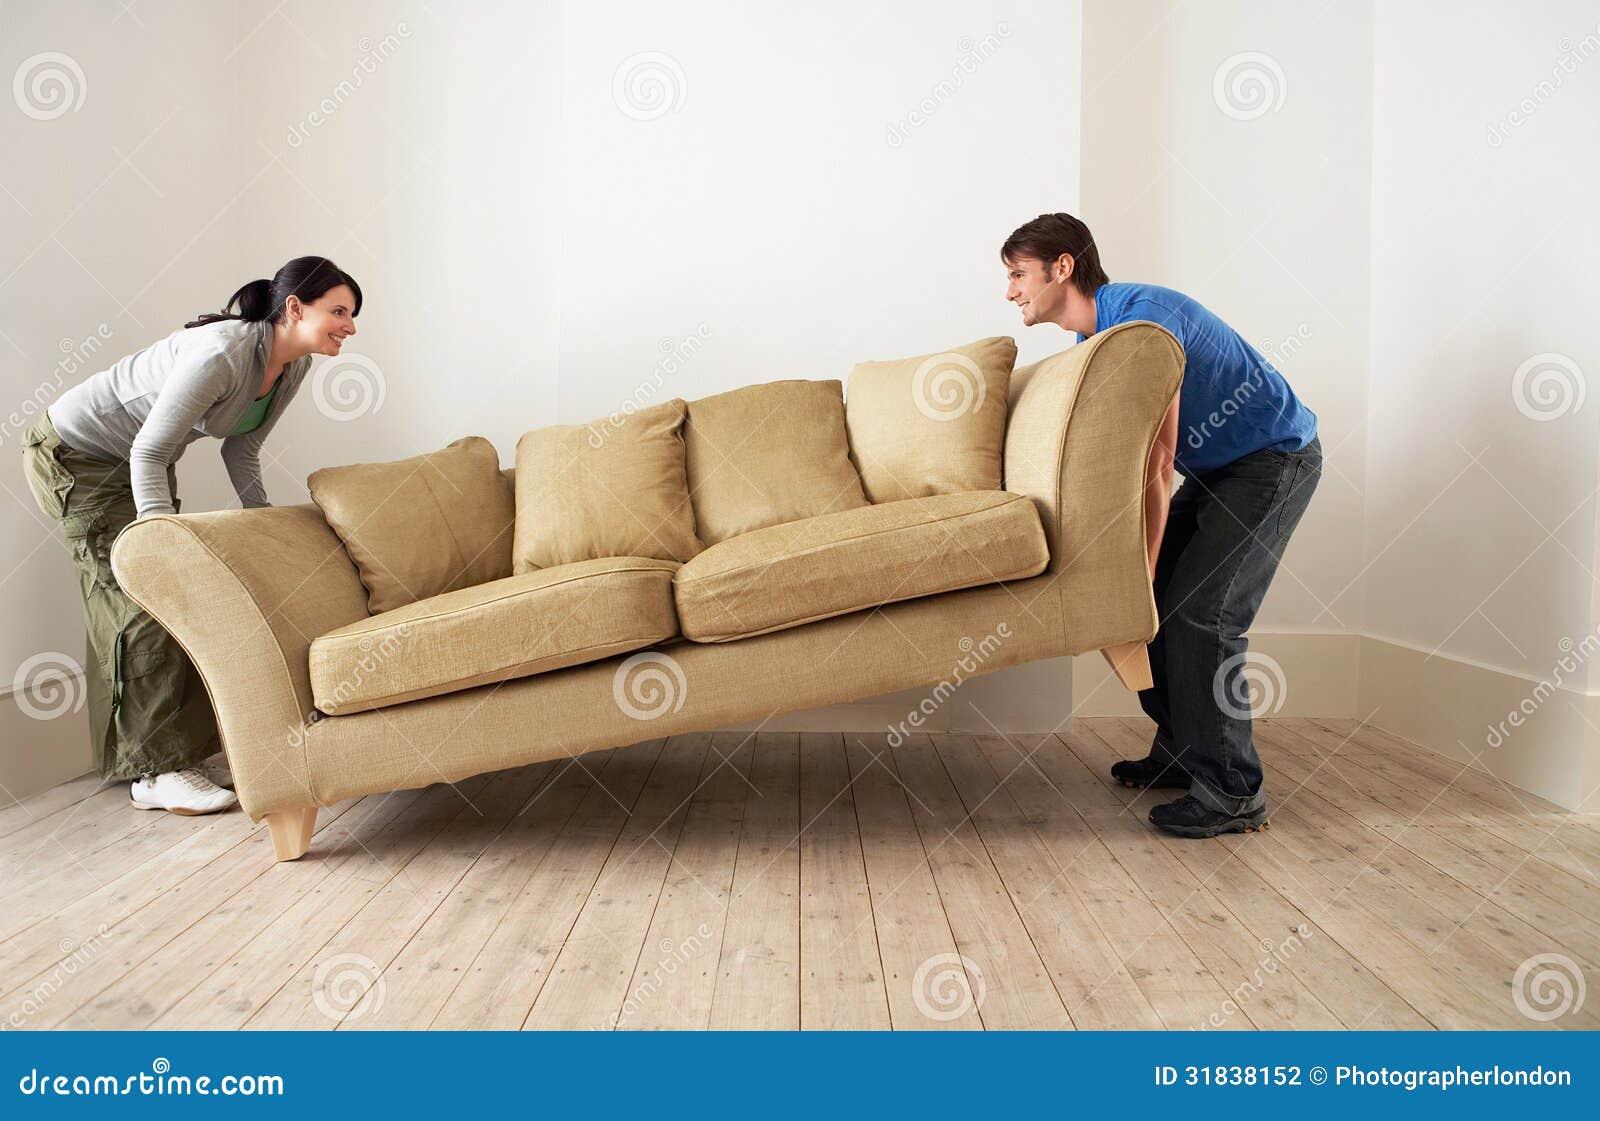 Ζεύγος που τοποθετεί τον καναπέ στο καθιστικό του νέου σπιτιού